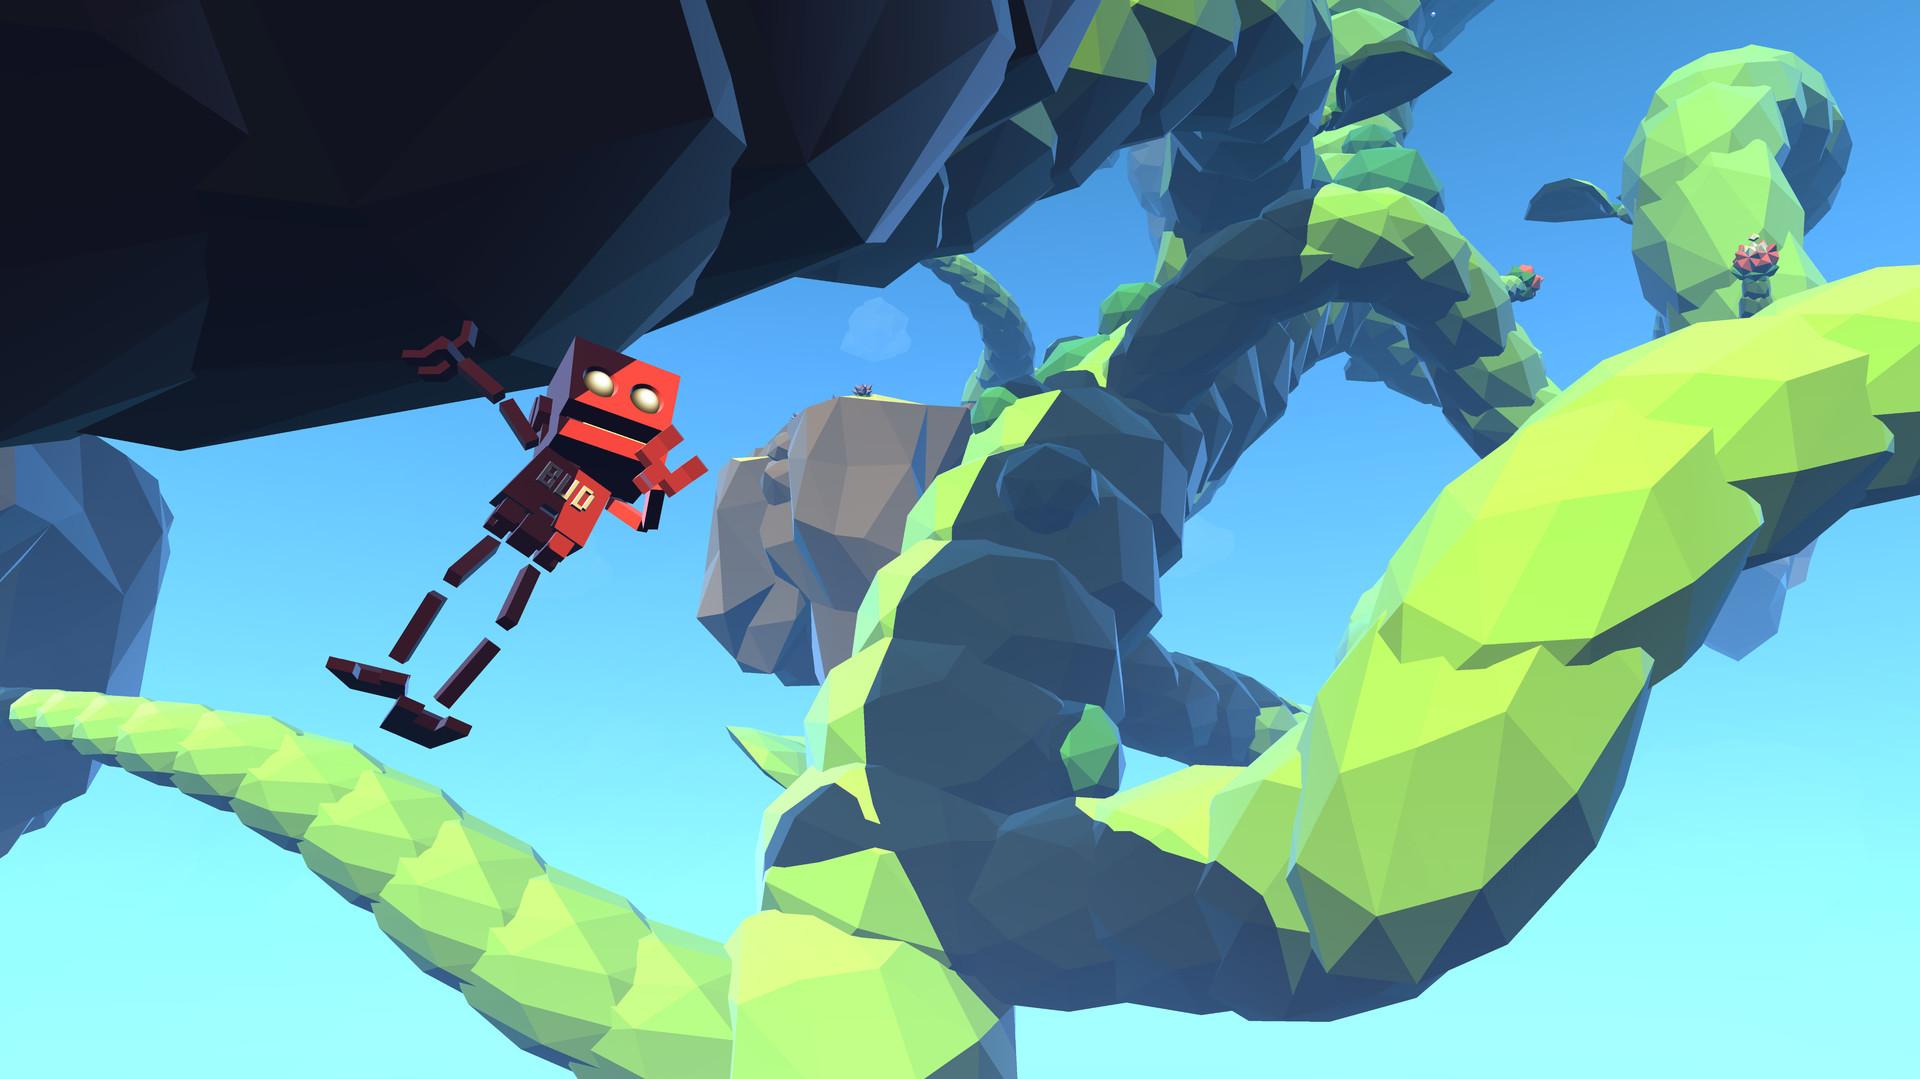 De la nada aparece Grow Home un interesante y relajante juego de exploración